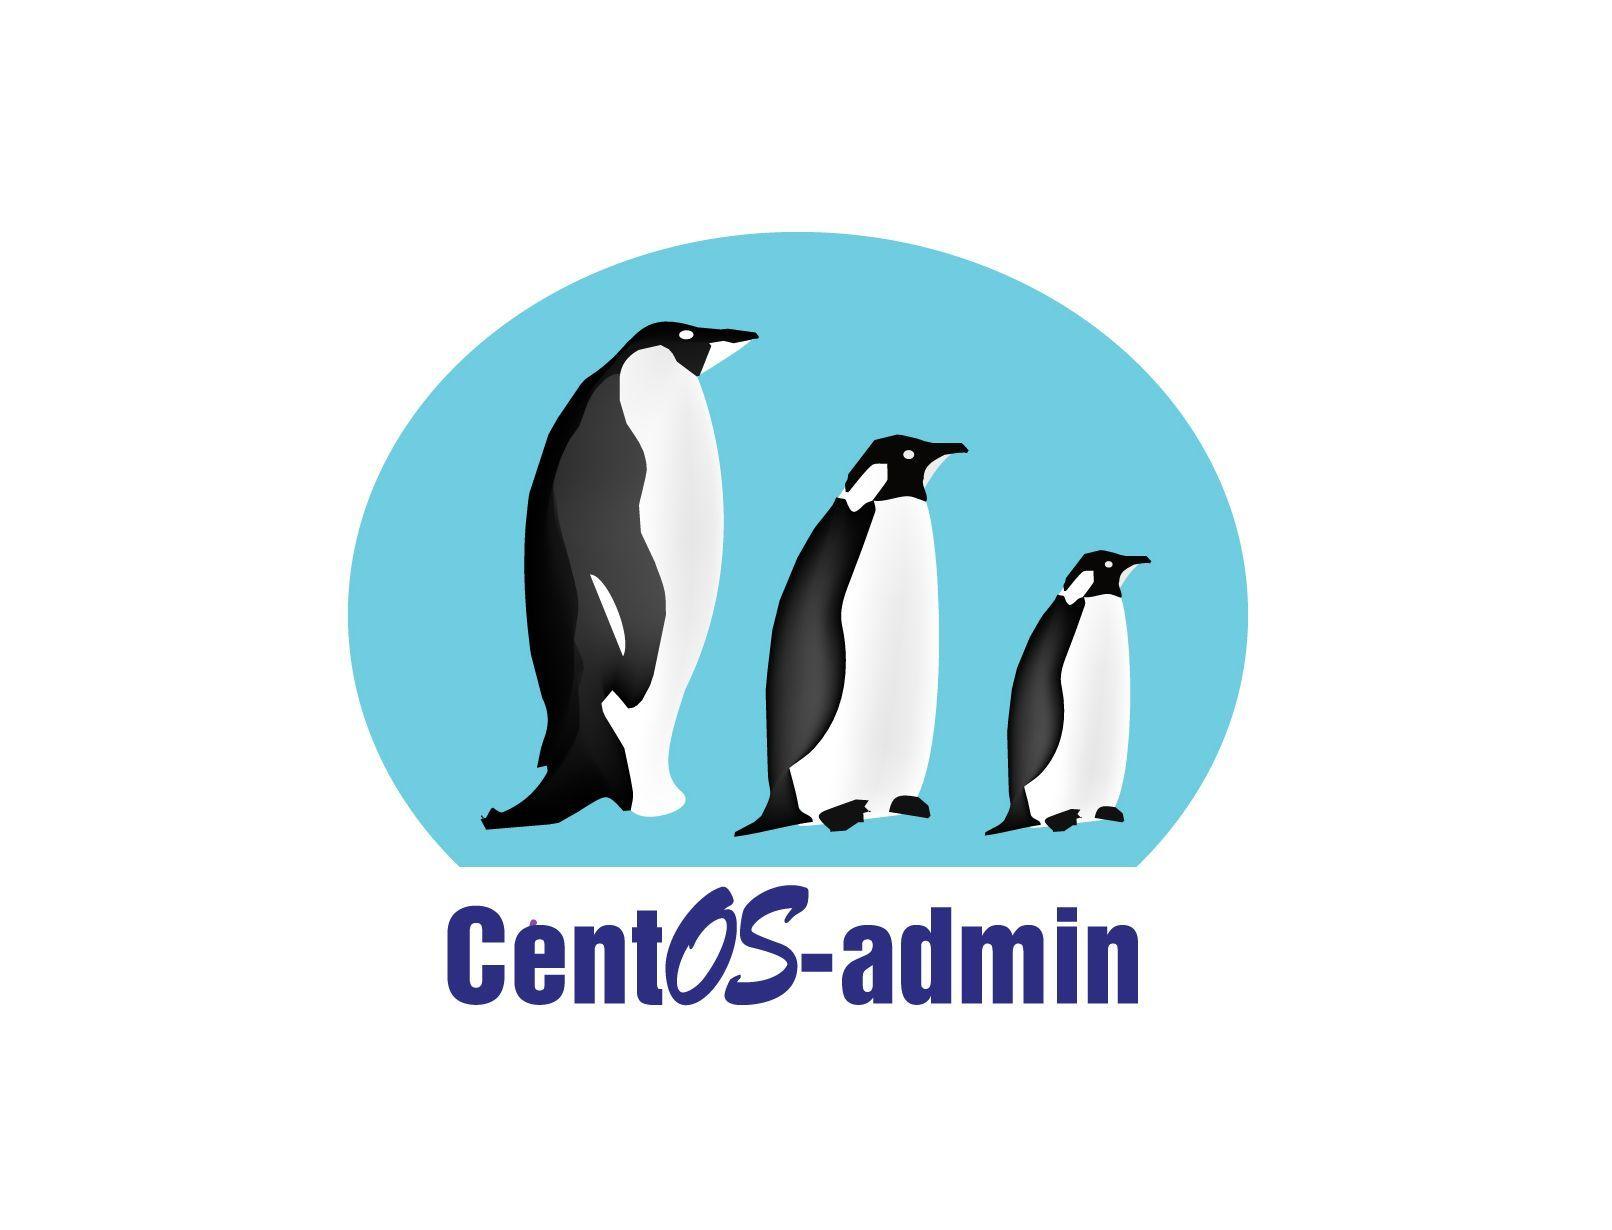 Логотип для компании Centos-admin.ru - дизайнер Doll